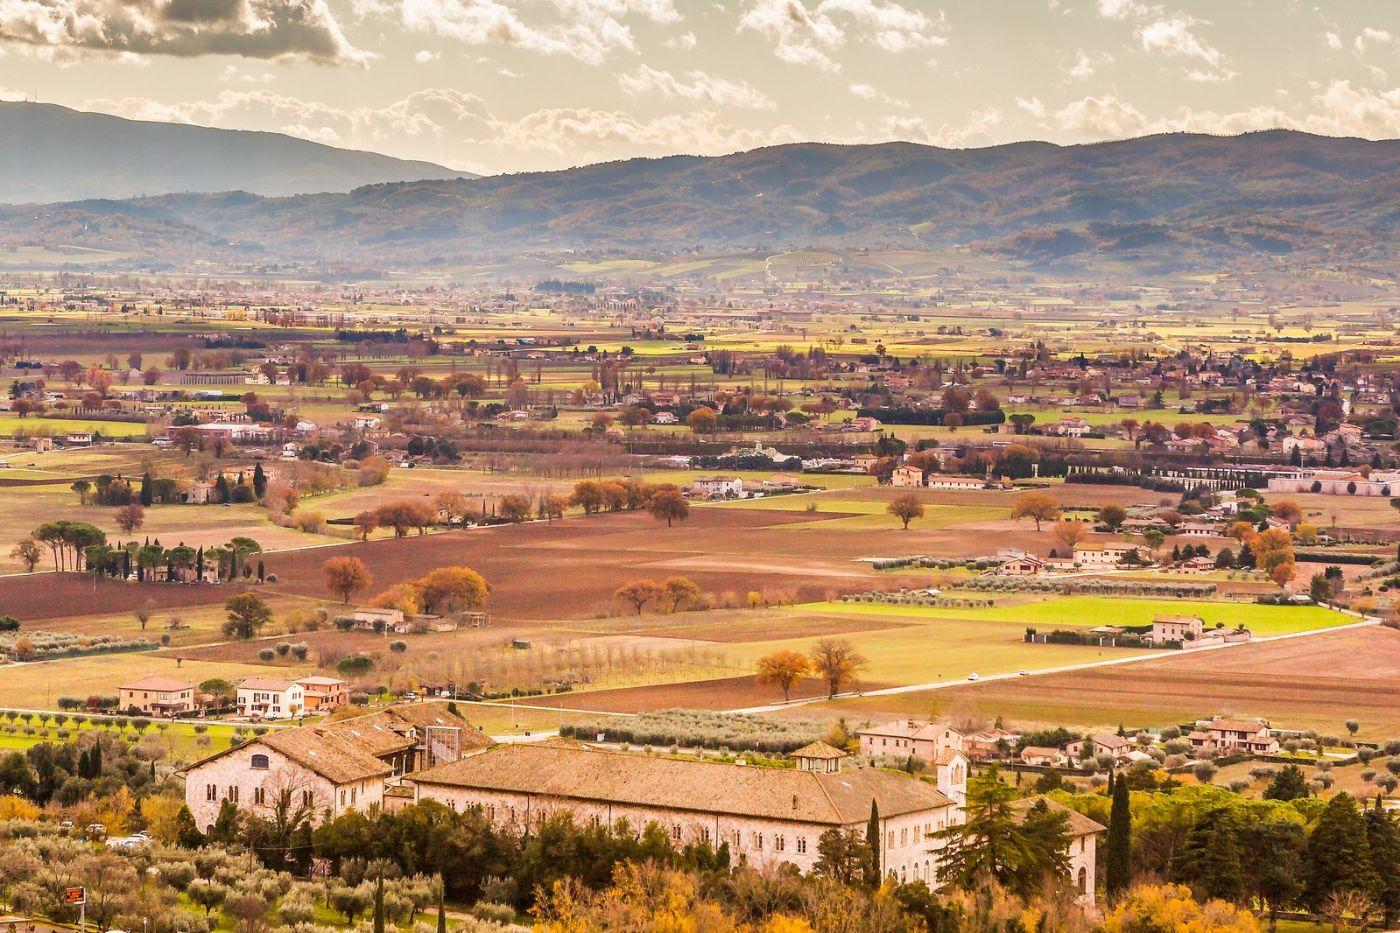 意大利阿西西(Assisi), 登高放眼_图1-6